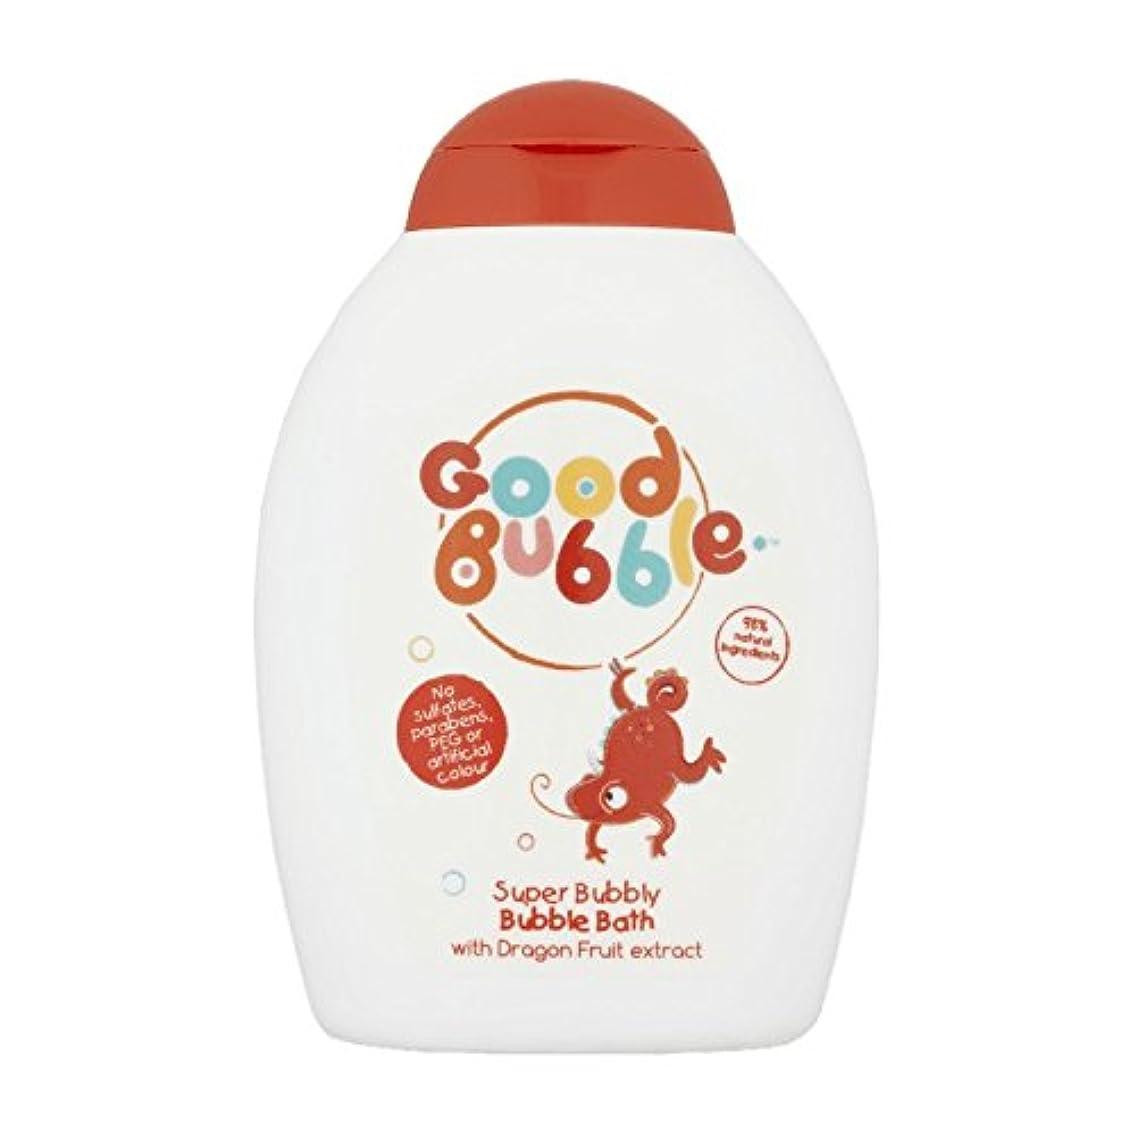 シャイニング役に立たない泥沼良いバブルドラゴンフルーツバブルバス400ミリリットル - Good Bubble Dragon Fruit Bubble Bath 400ml (Good Bubble) [並行輸入品]